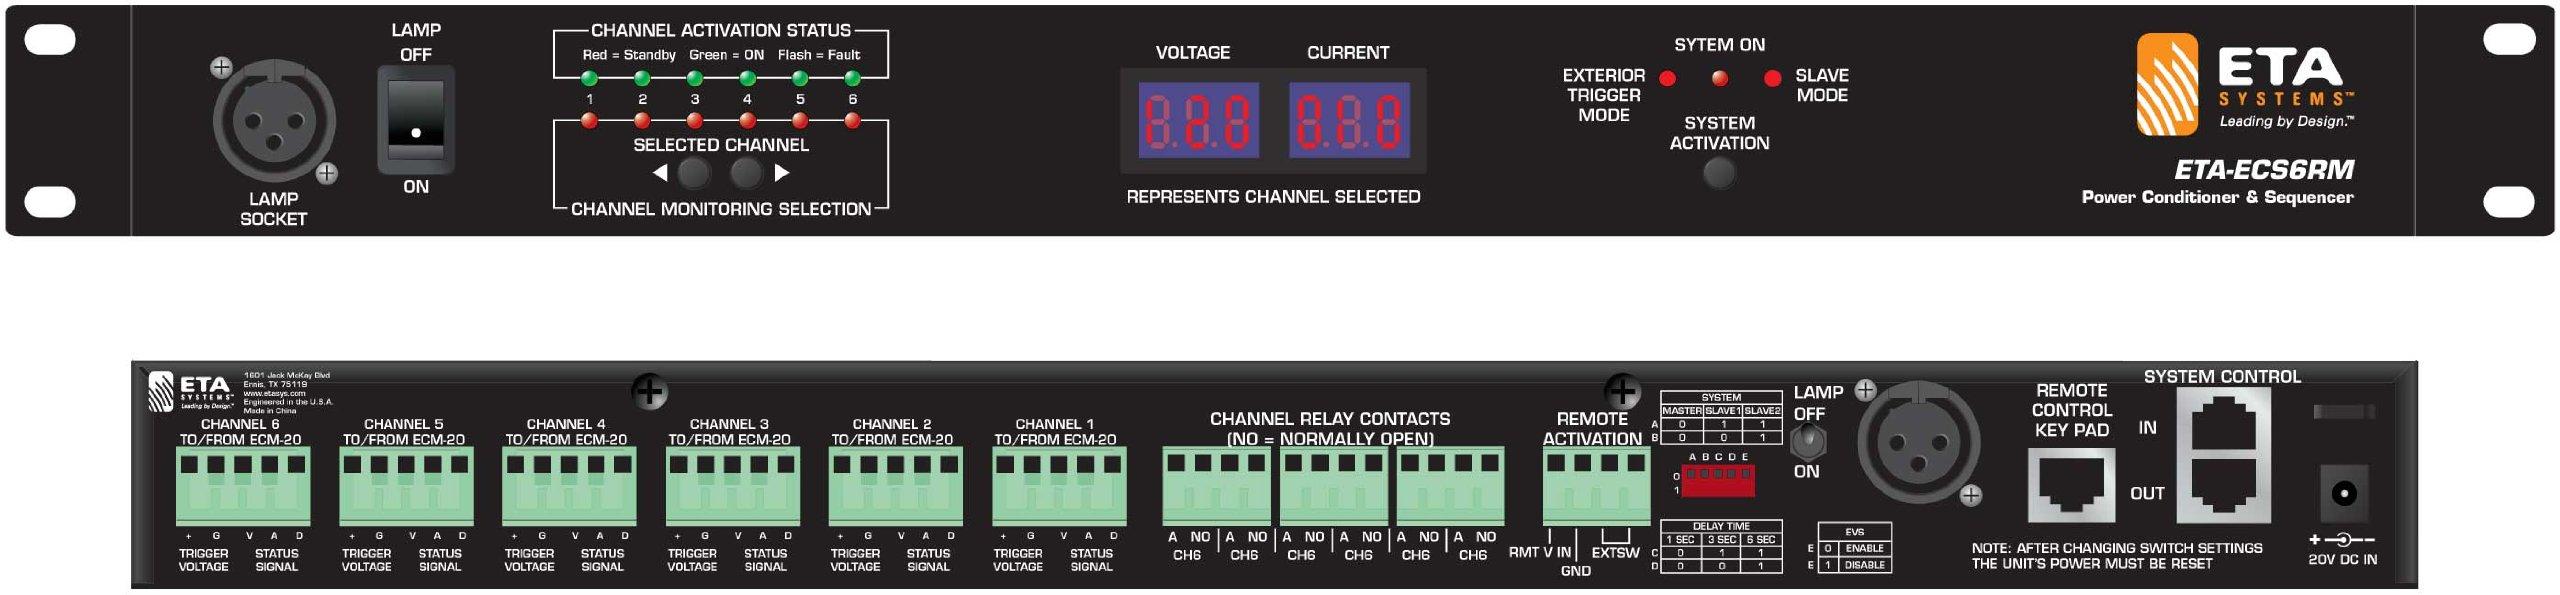 ETA-ECS6RM Electrical Control Sequencer